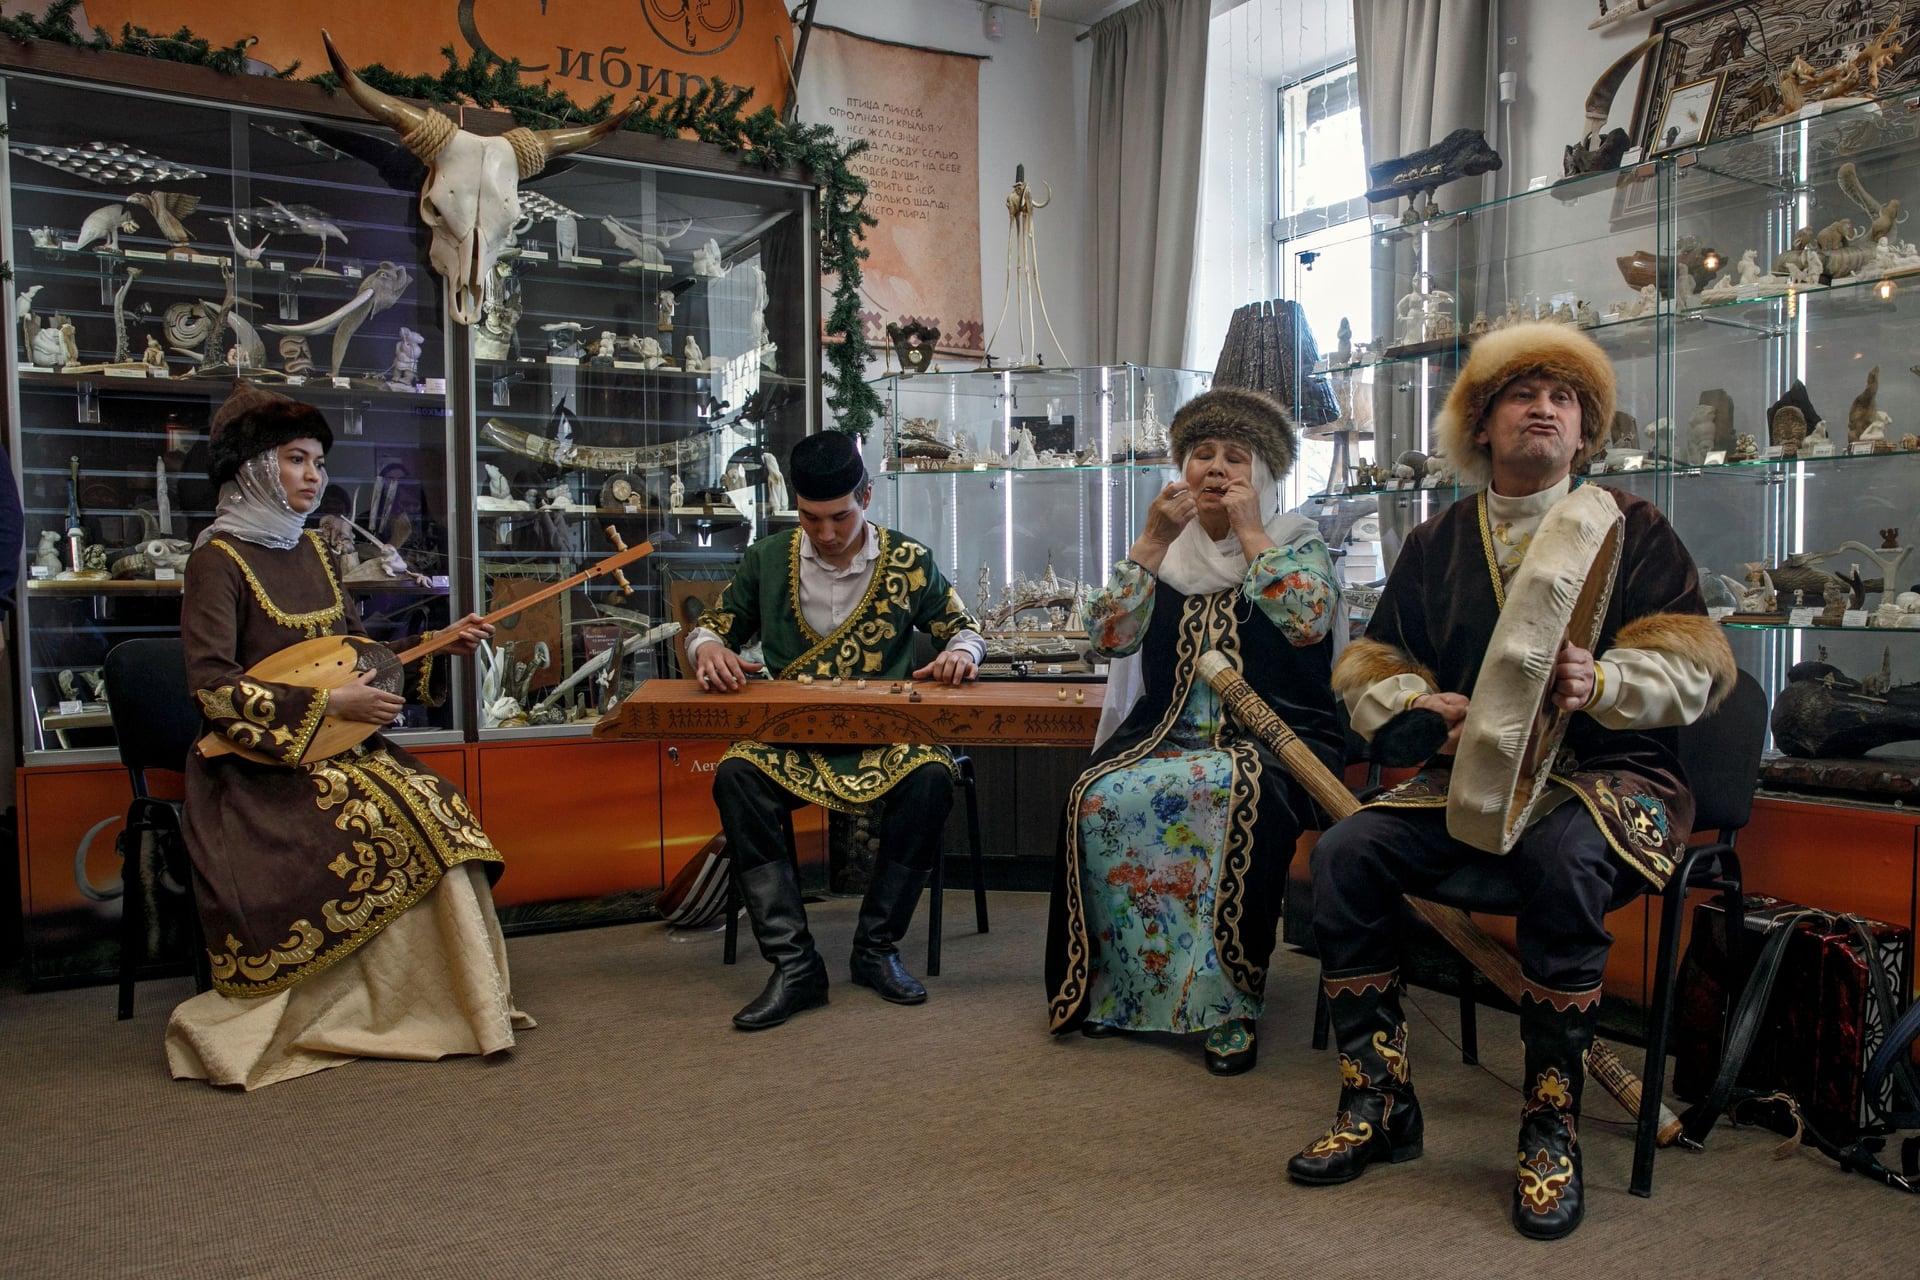 Амаль, фольклорный ансамбль, тюмень, татарский ансамблю, центр татарской культуры, легенды сибири, открытие выставки, культура и быт сибирских татар